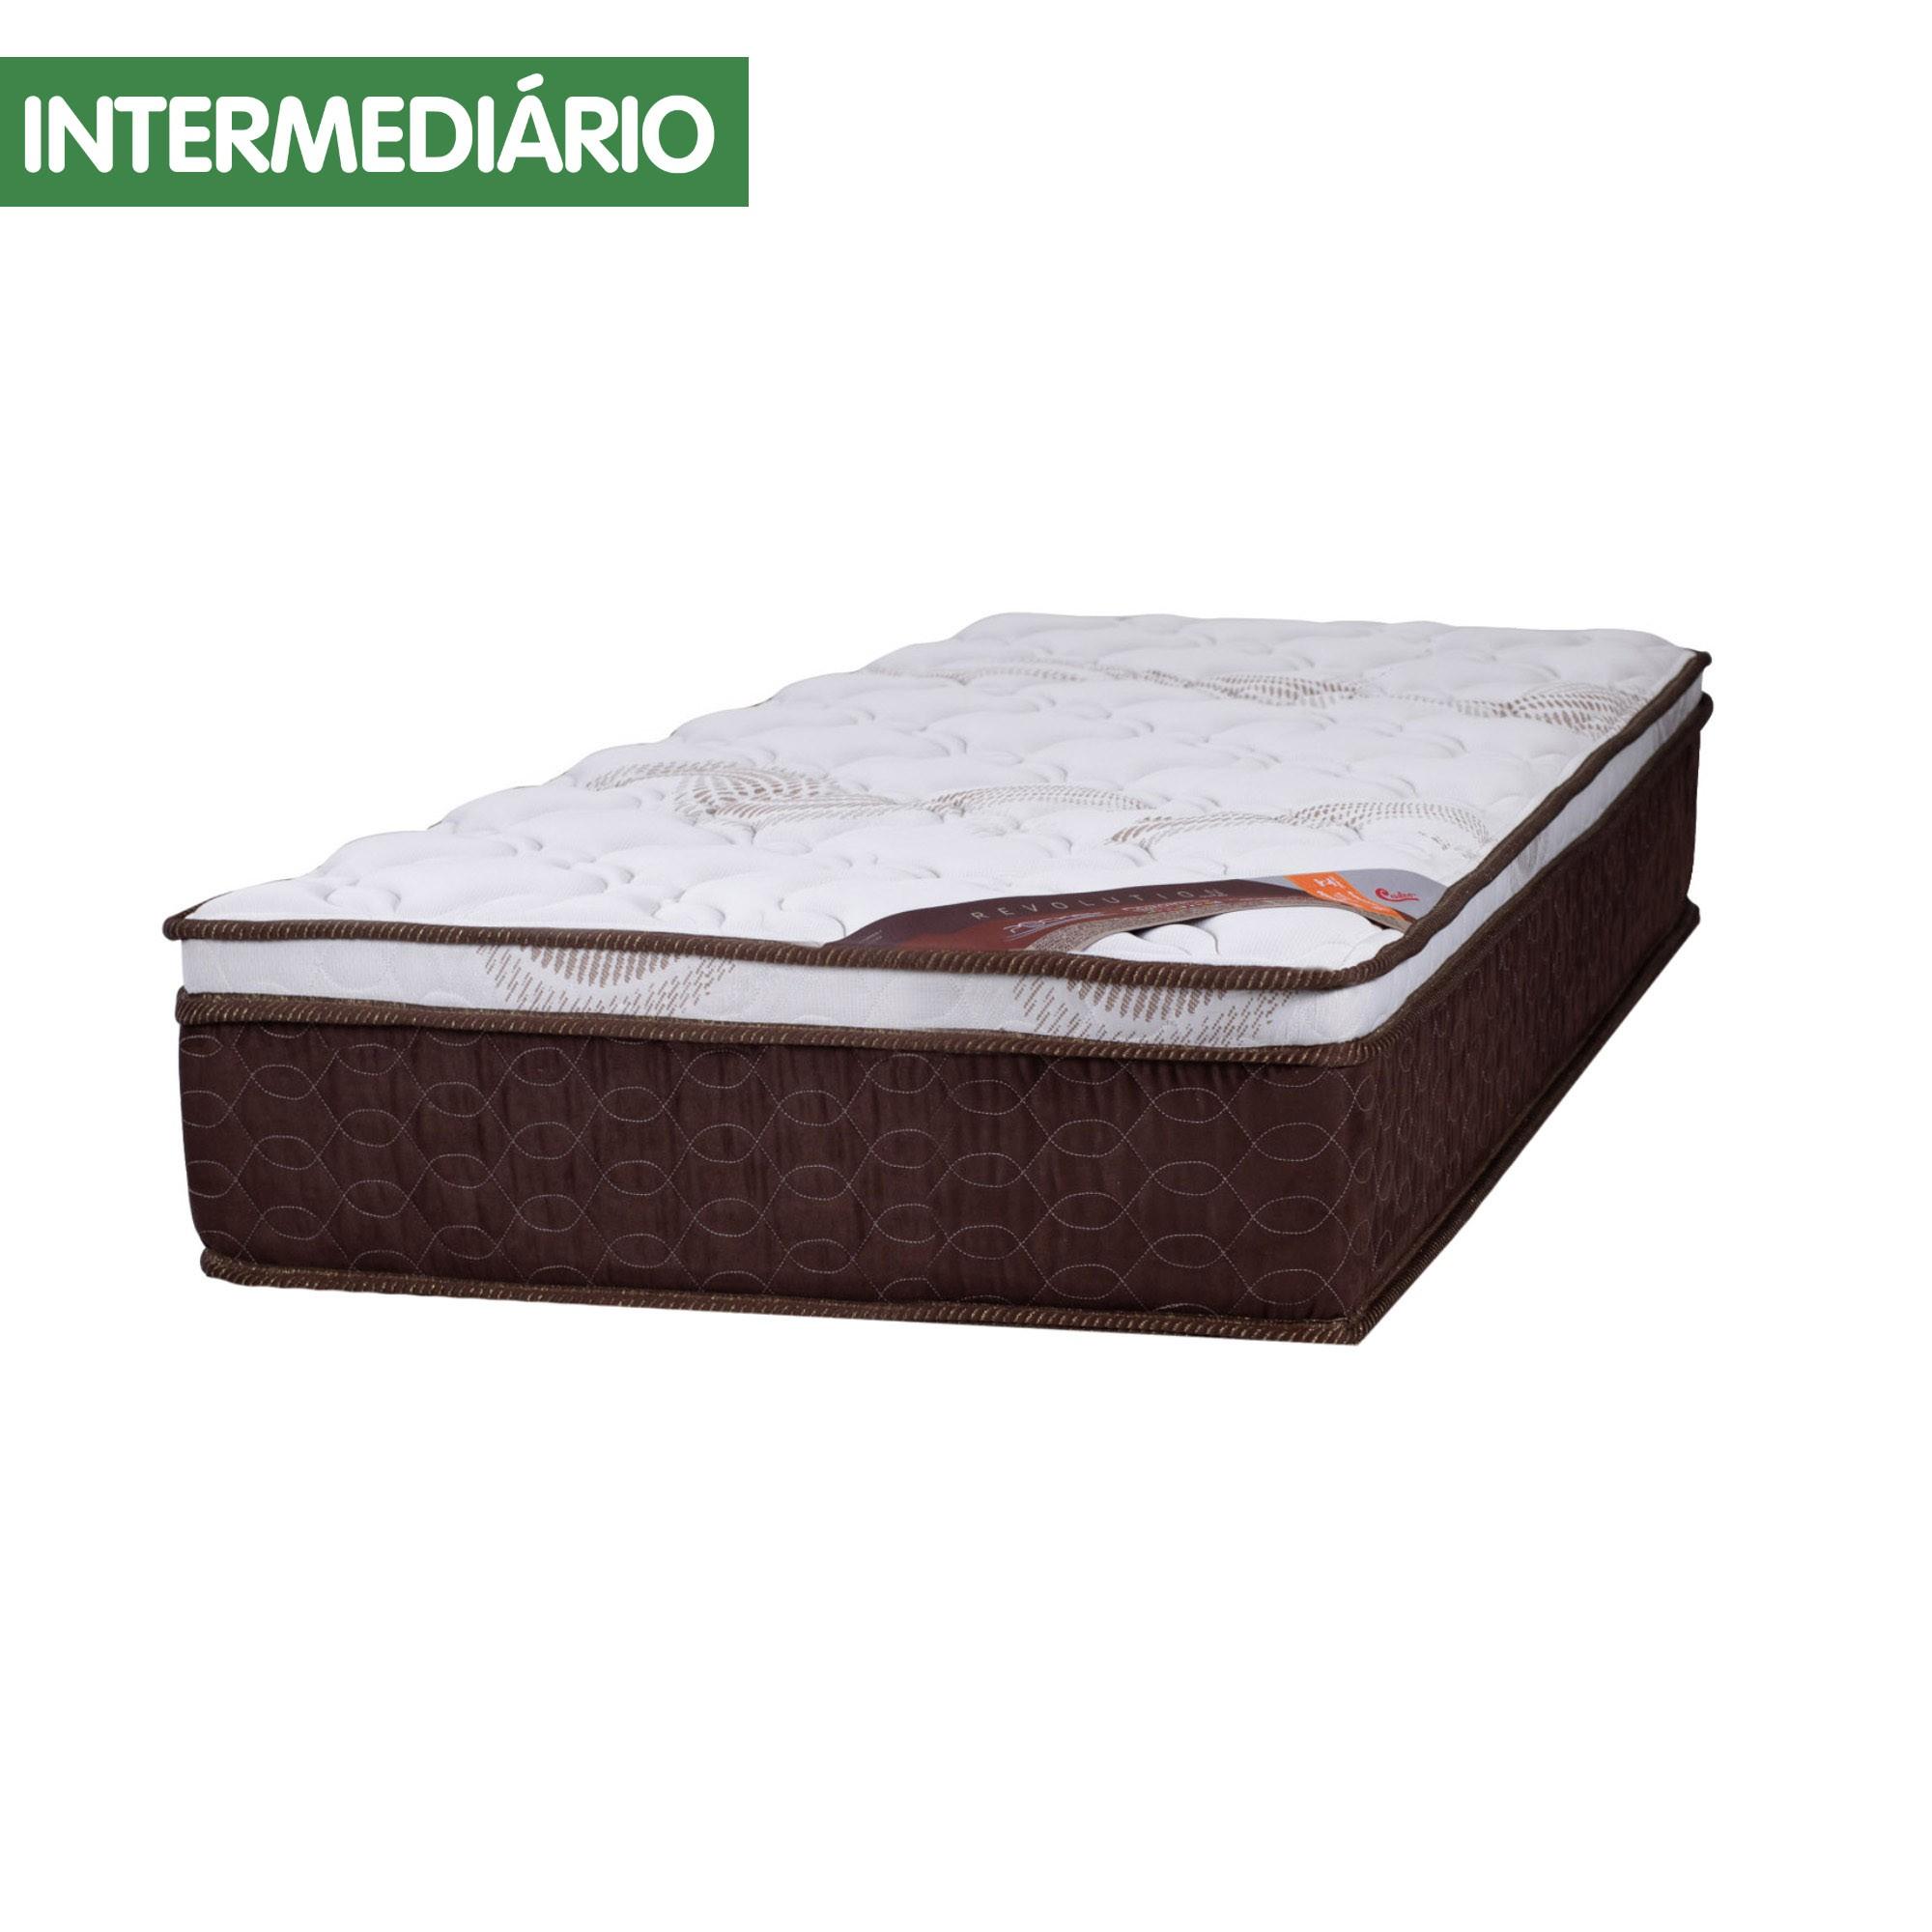 Colchão Castor Revolution Pocket 30 cm [Solteiro 088 x 188 cm]